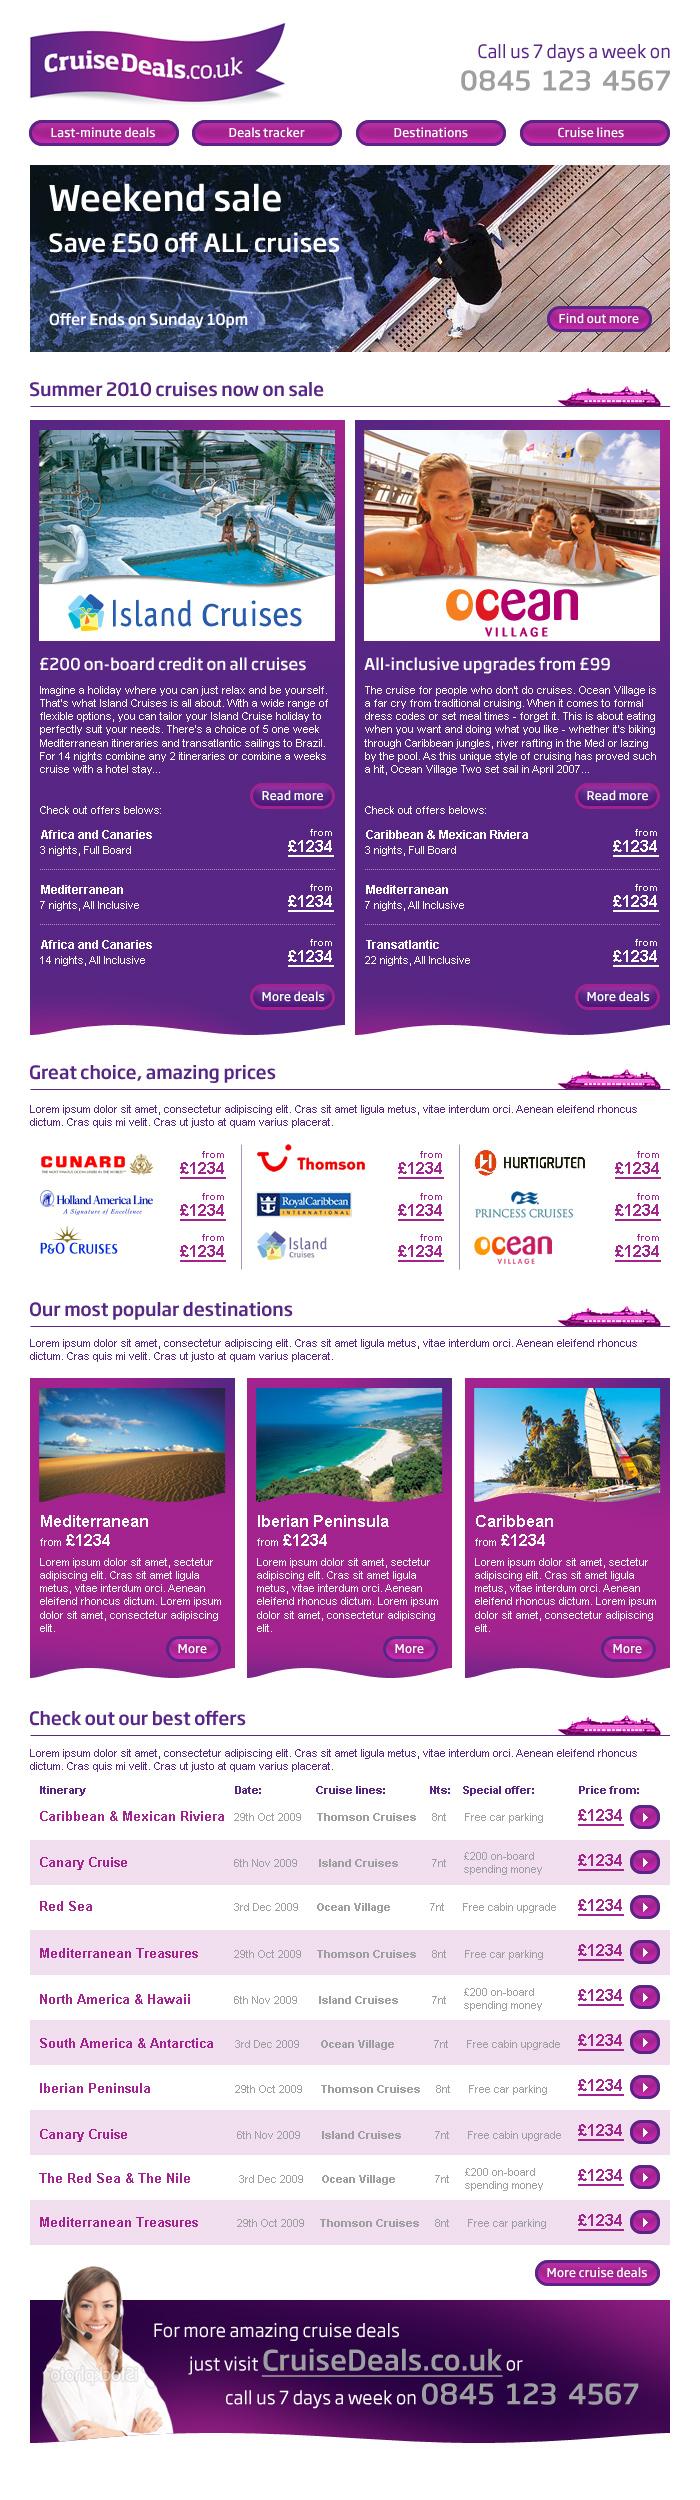 Cruise Deals Newsletter